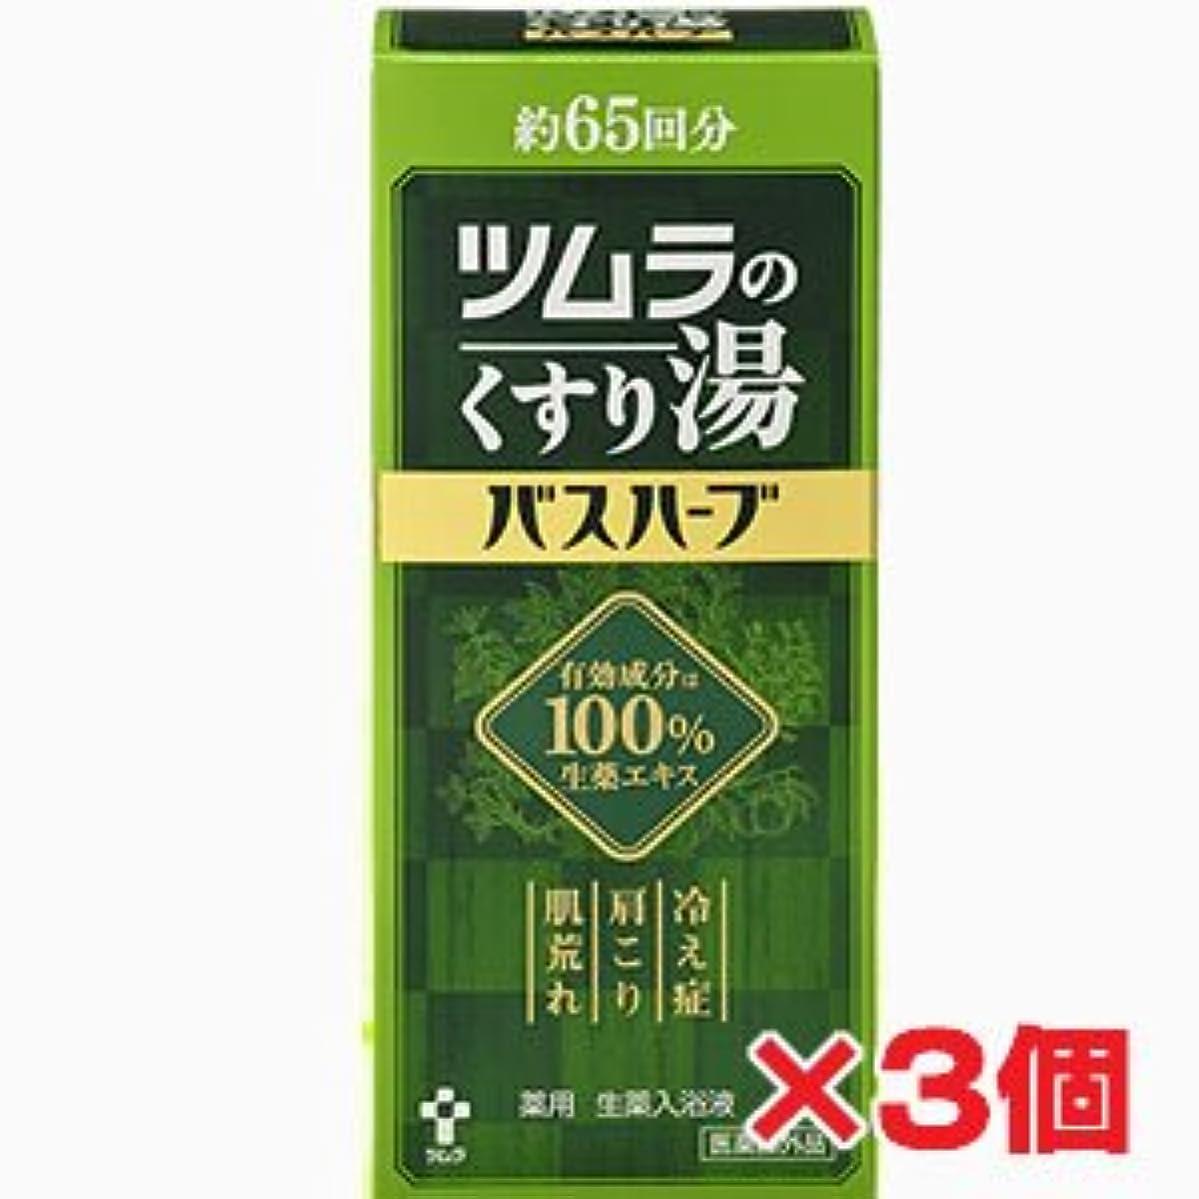 爆弾限られたテレックス【3本】ツムラのくすり湯 バスハーブ 650ml×3本